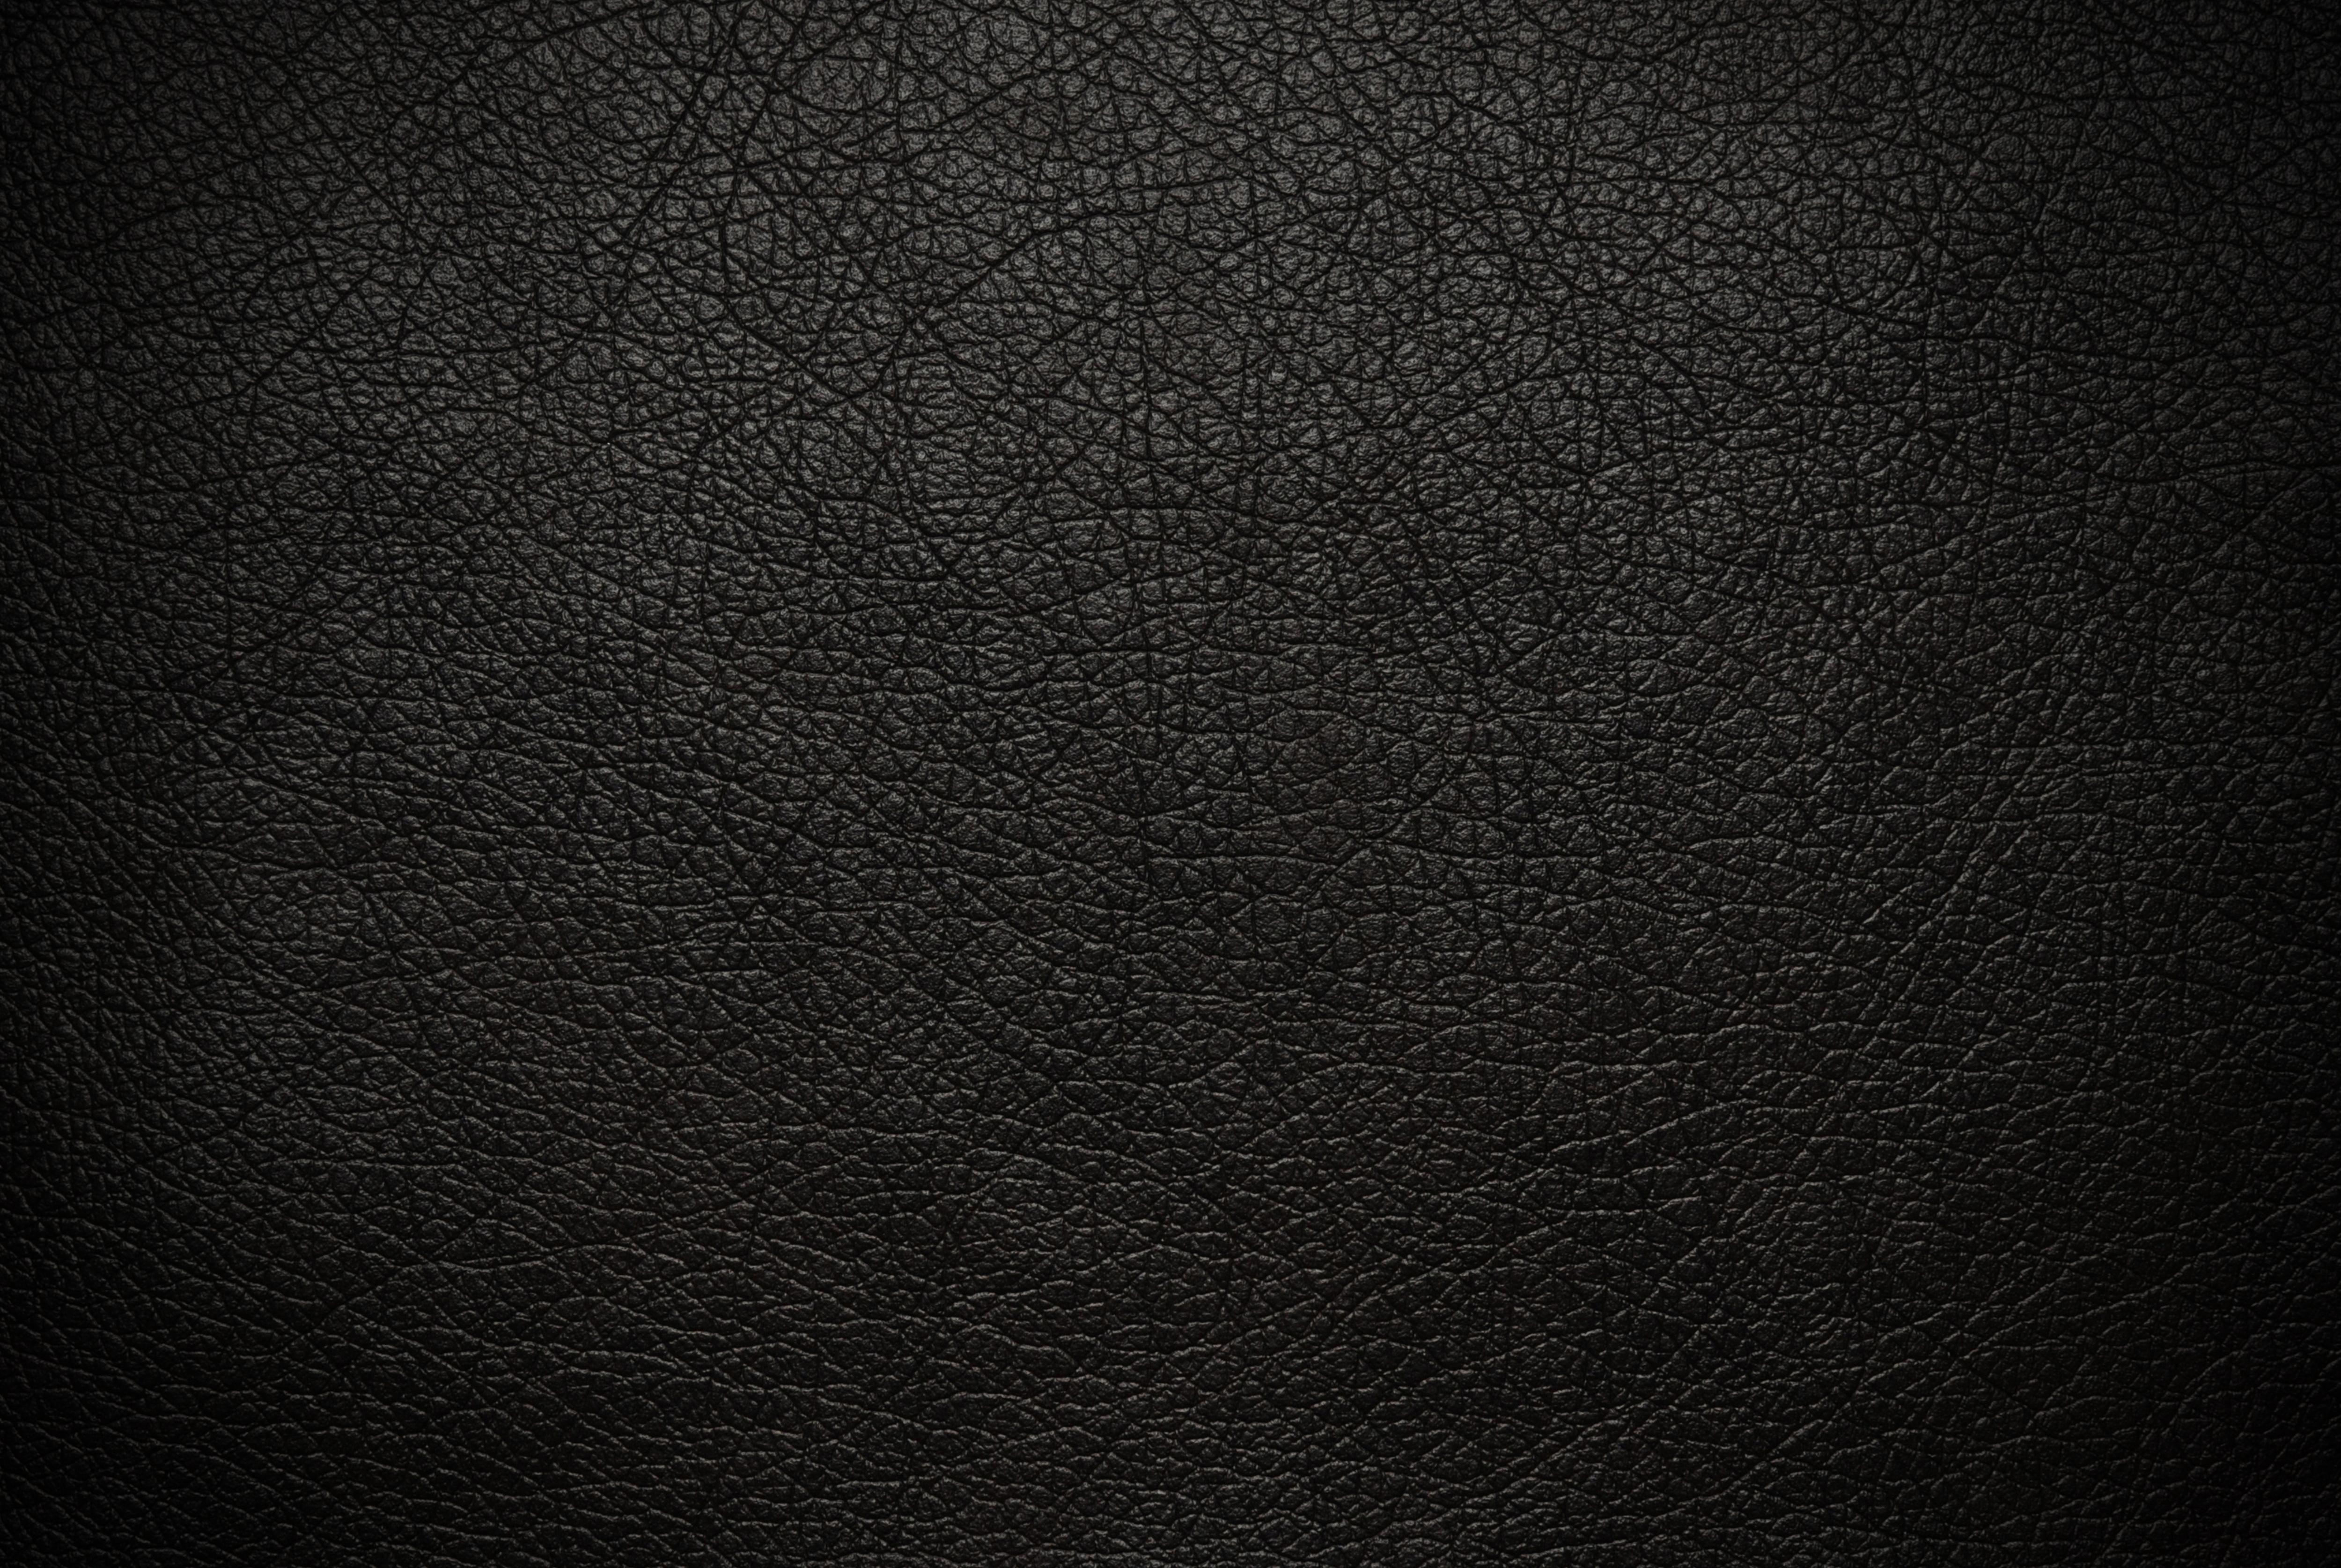 Free Download Cuir Noir Fissur Fond Texture Wallpaper